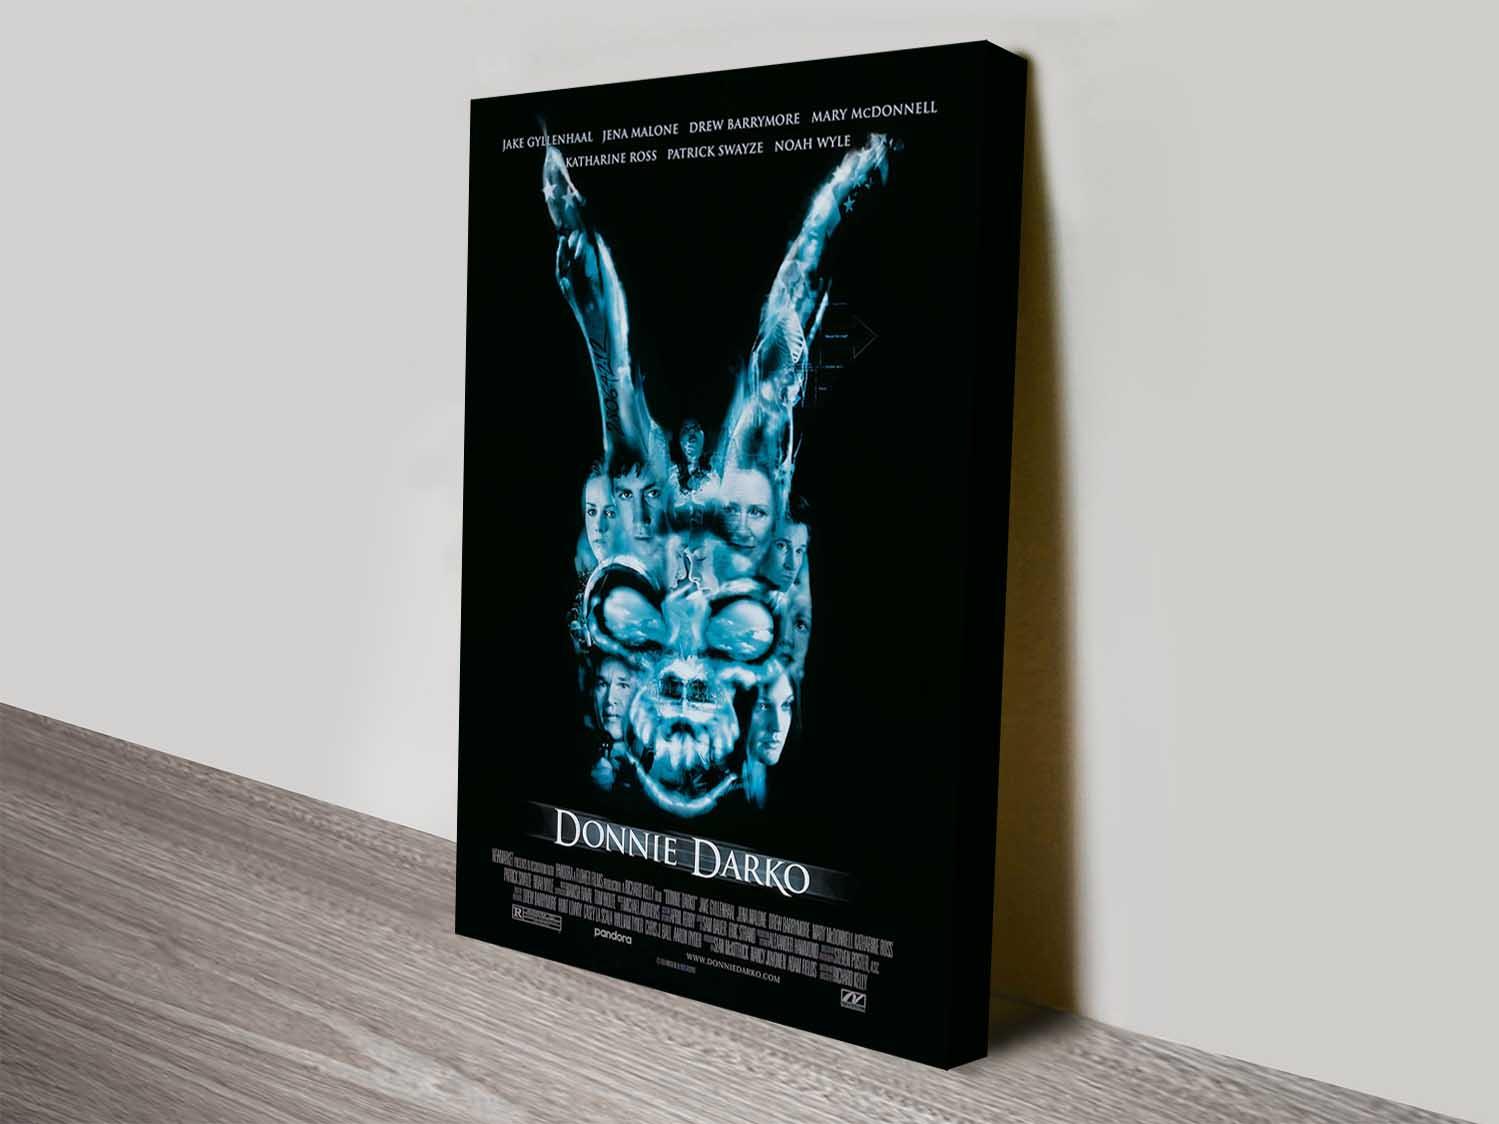 Donnie Darko: Comprehensive Film Analysis - Free Essay Example | EduZaurus